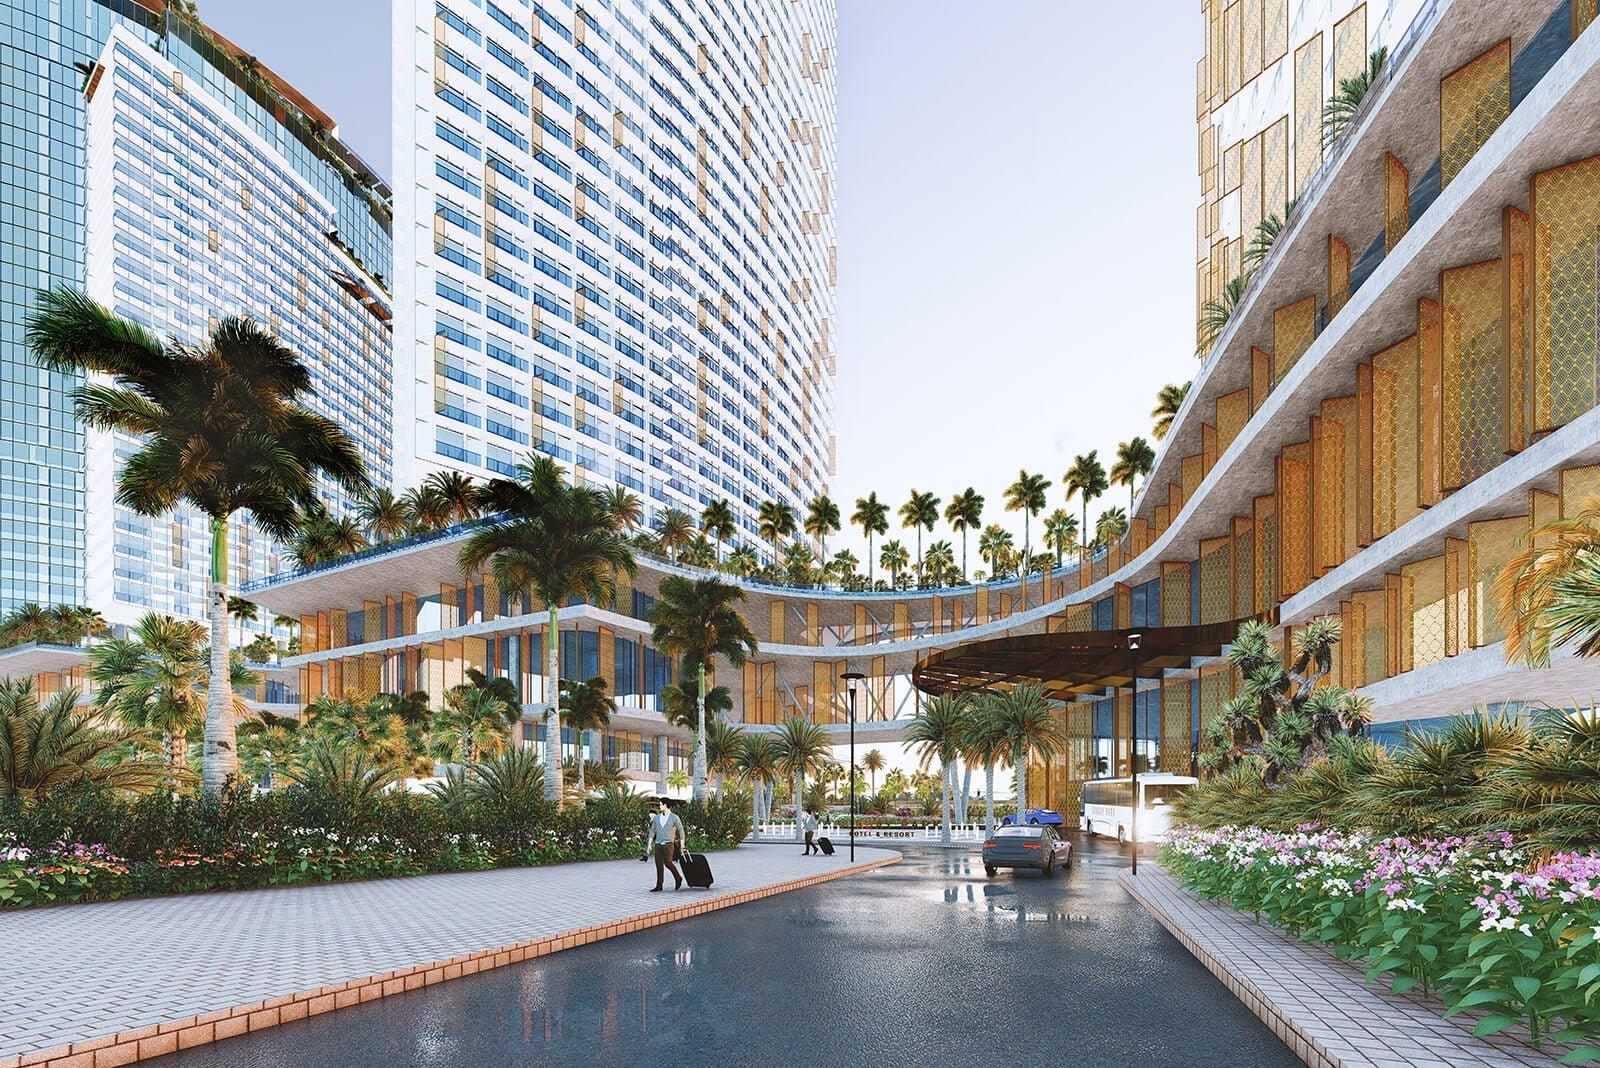 Khu mua sắm dịch vụ ngoài trời tại Sunbay Park Hotel & Resort Phan Rang